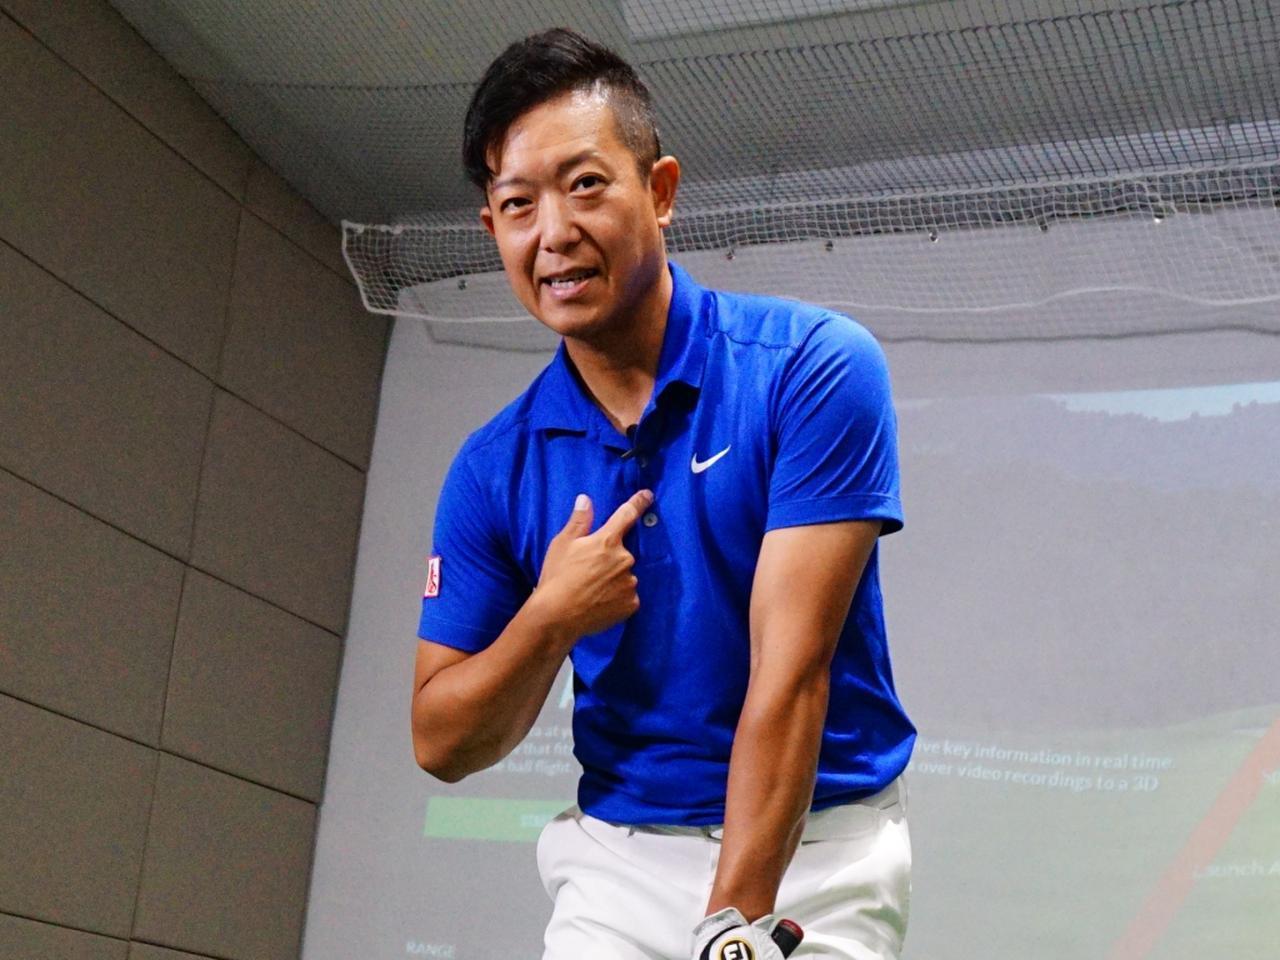 画像: 吉田が右手で示している位置が胸骨のある位置だ